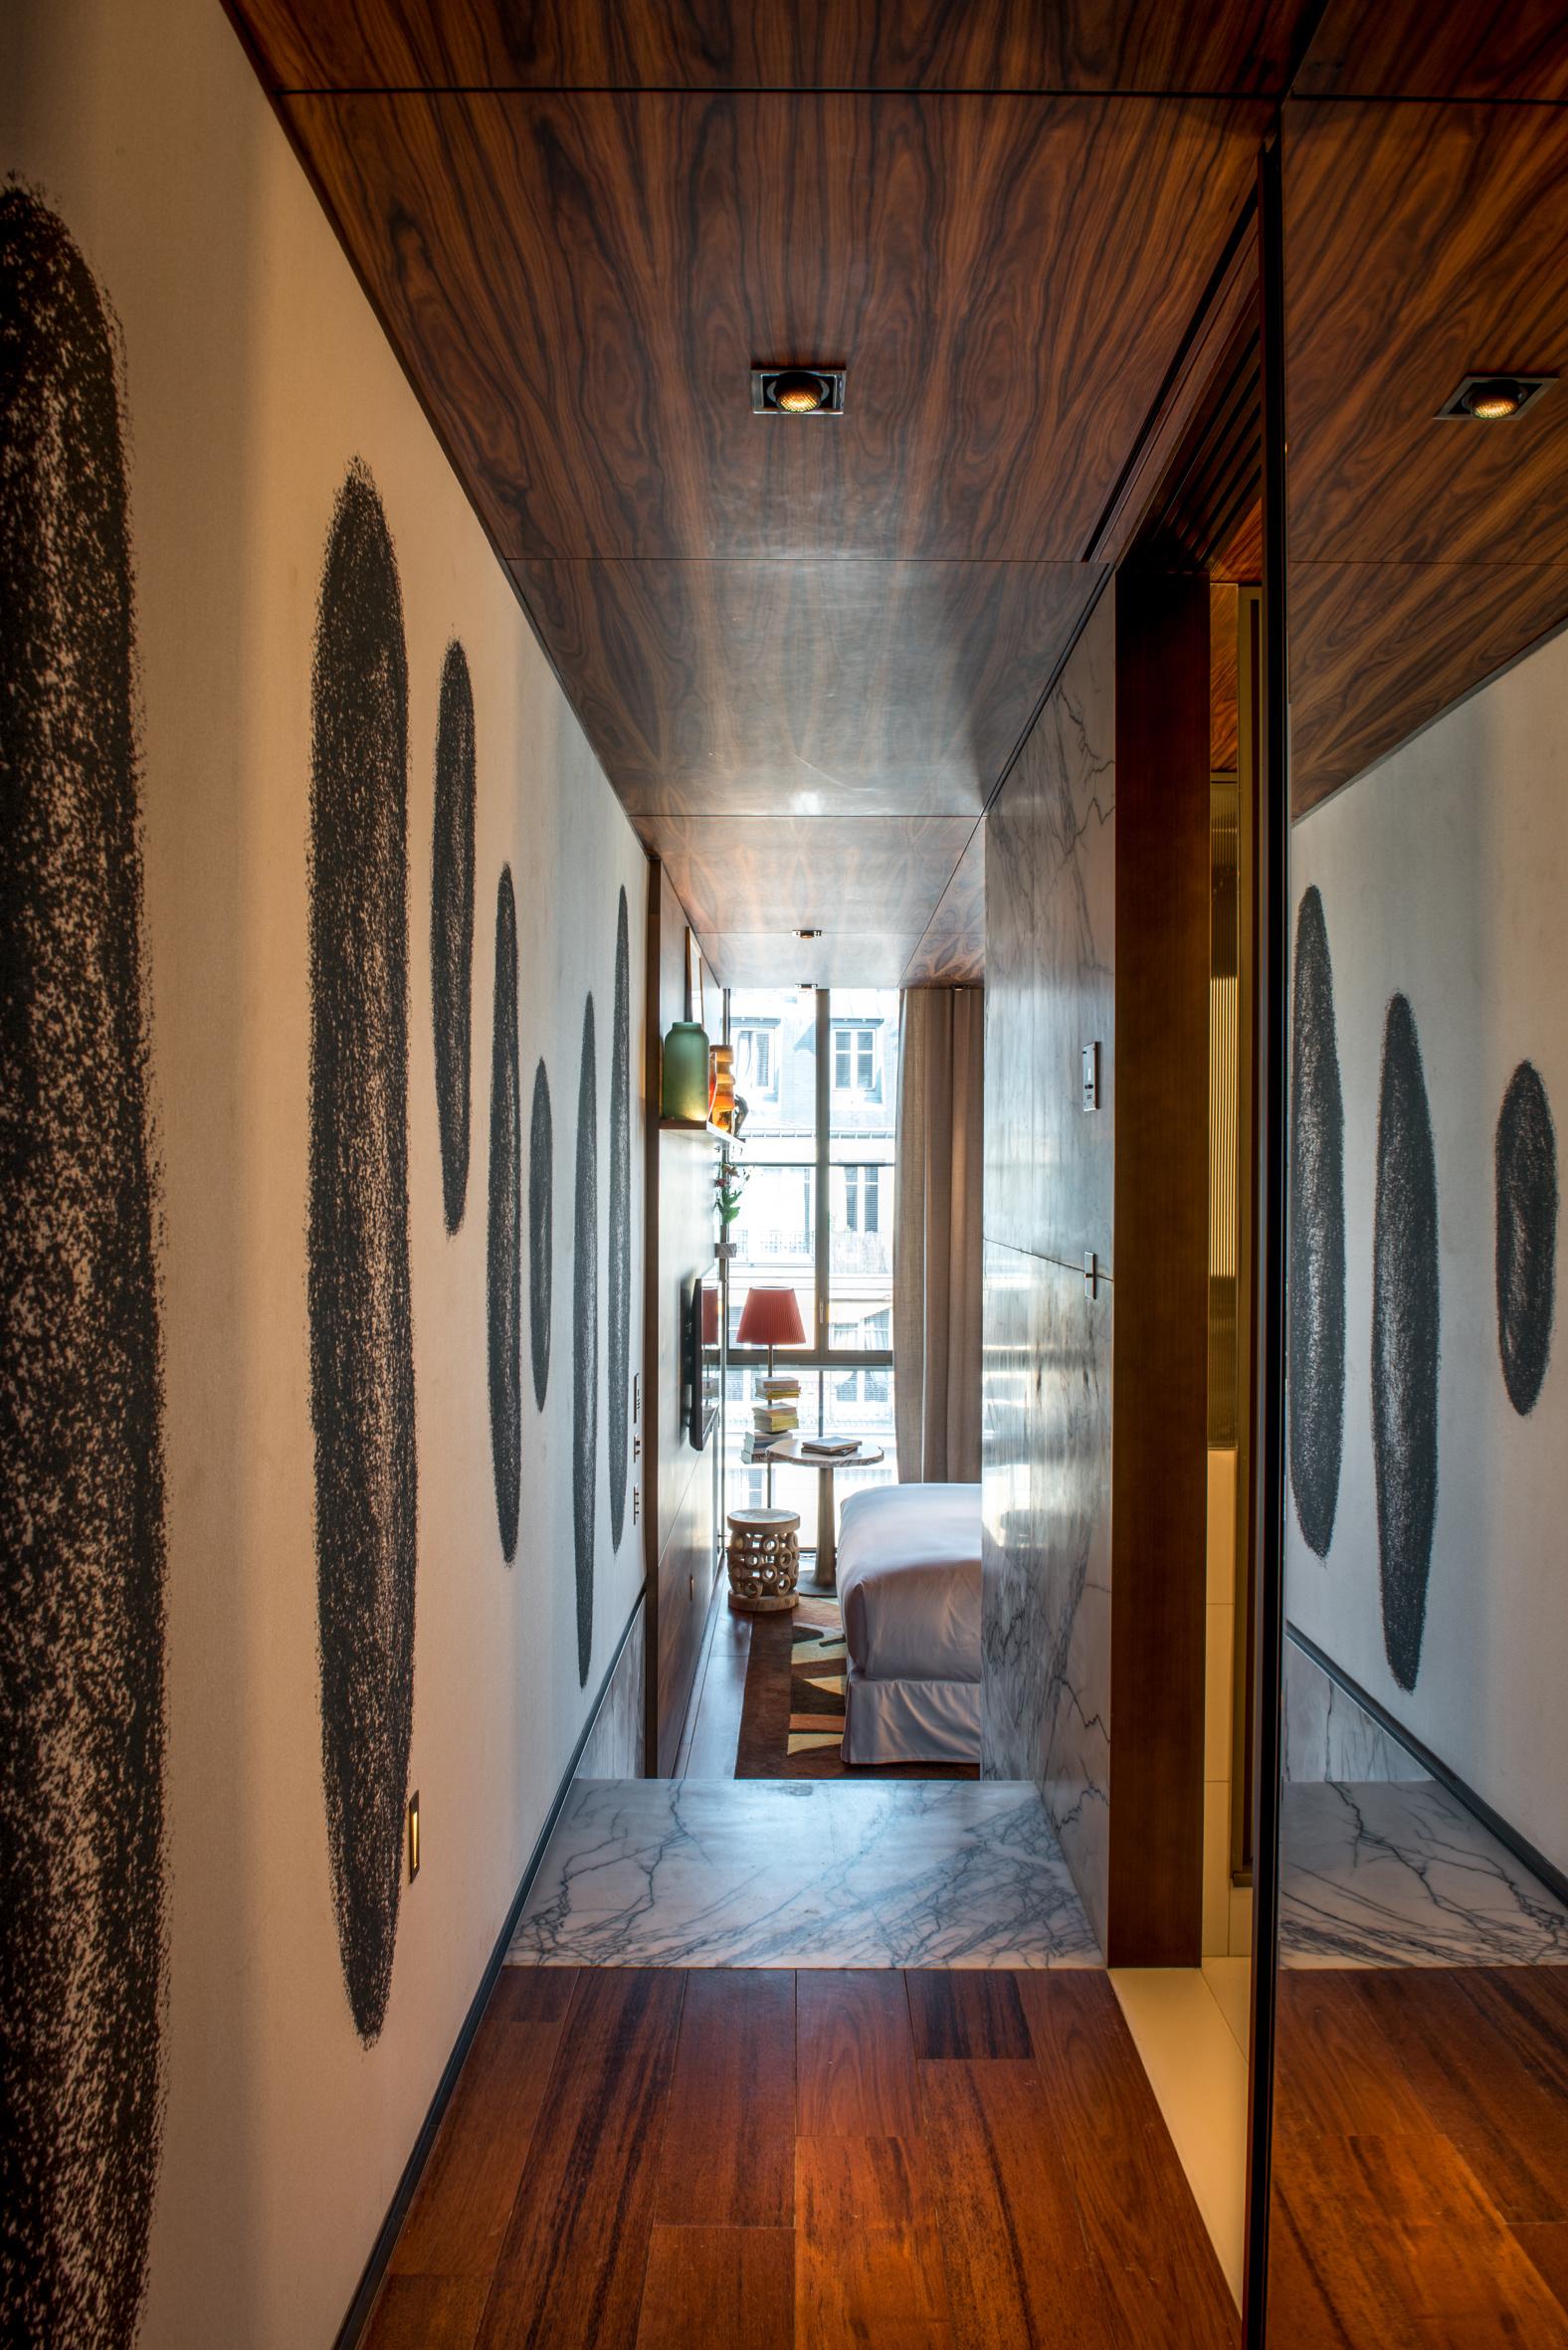 Brach: новый отель Филиппа Старка с видом на Эйфелеву башню (галерея 5, фото 1)